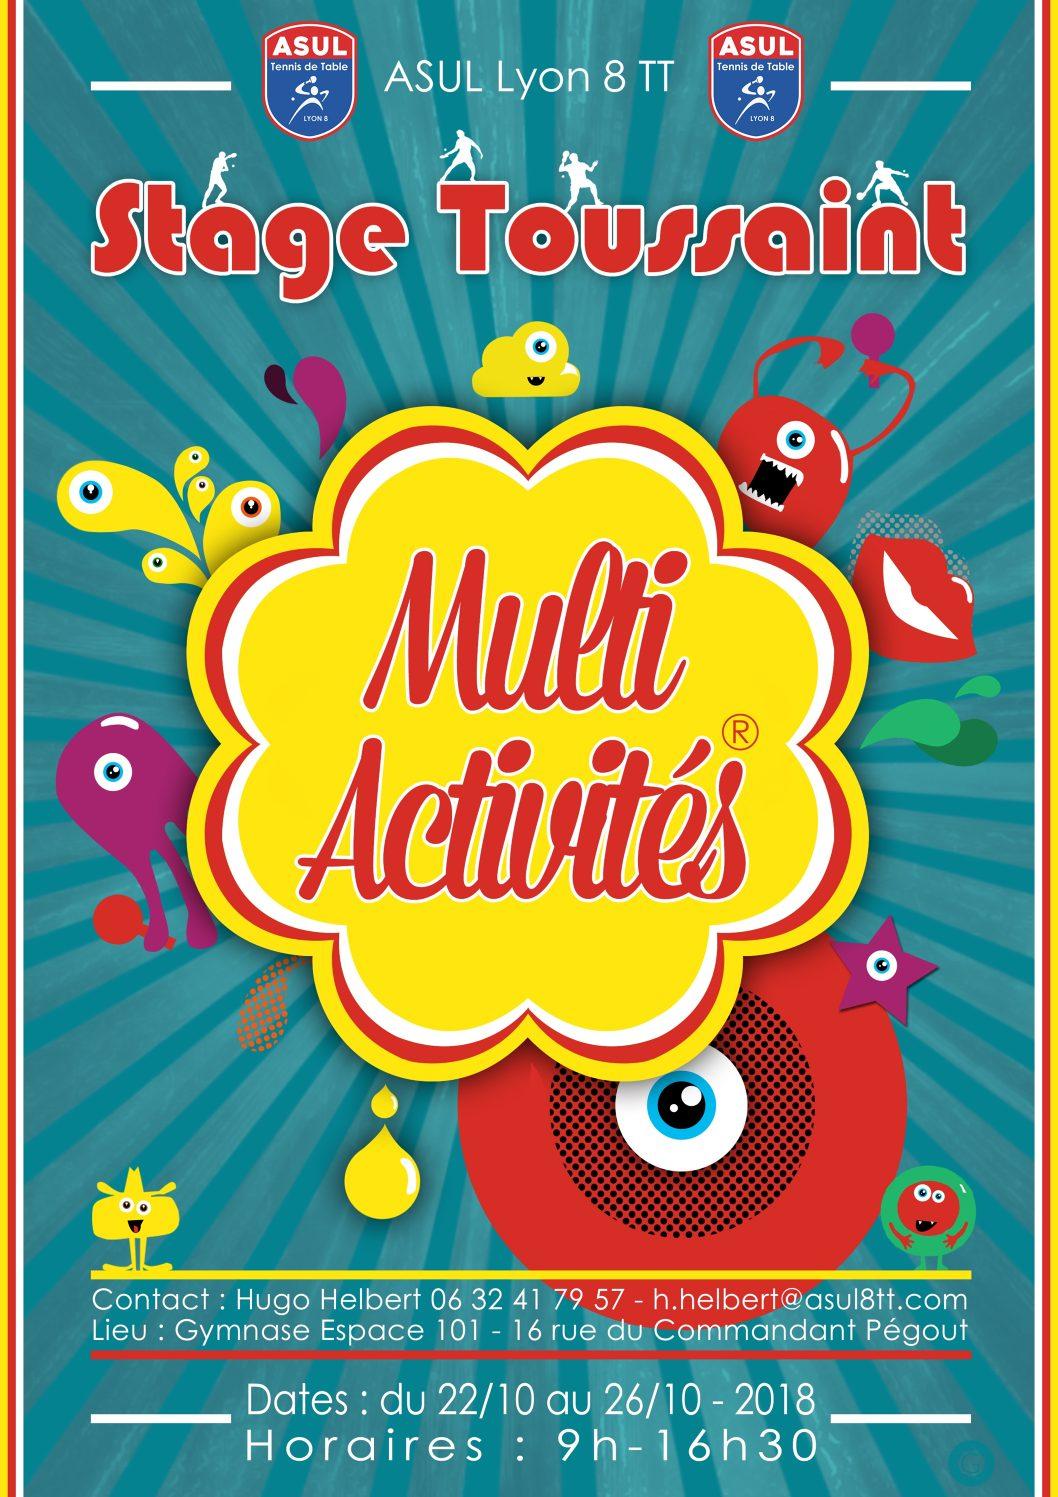 22 au 26 octobre : l'ASUL 8 TT organise un stage ping/multi-activité